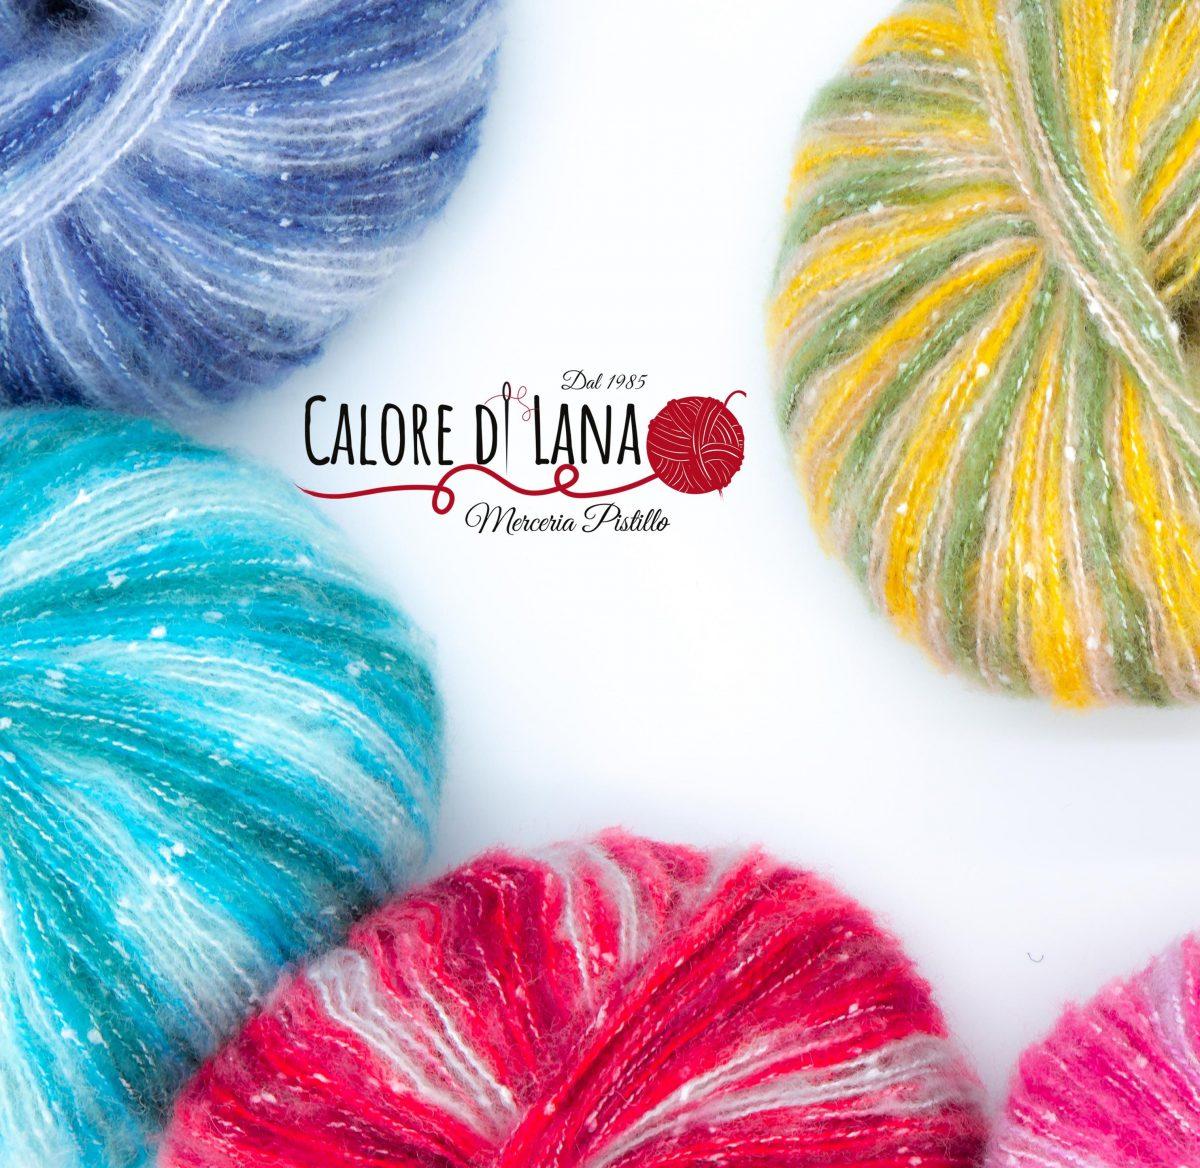 Acchiappasogni Color Miss Tricot Filati - Calore di Lana www.caloredilana.com